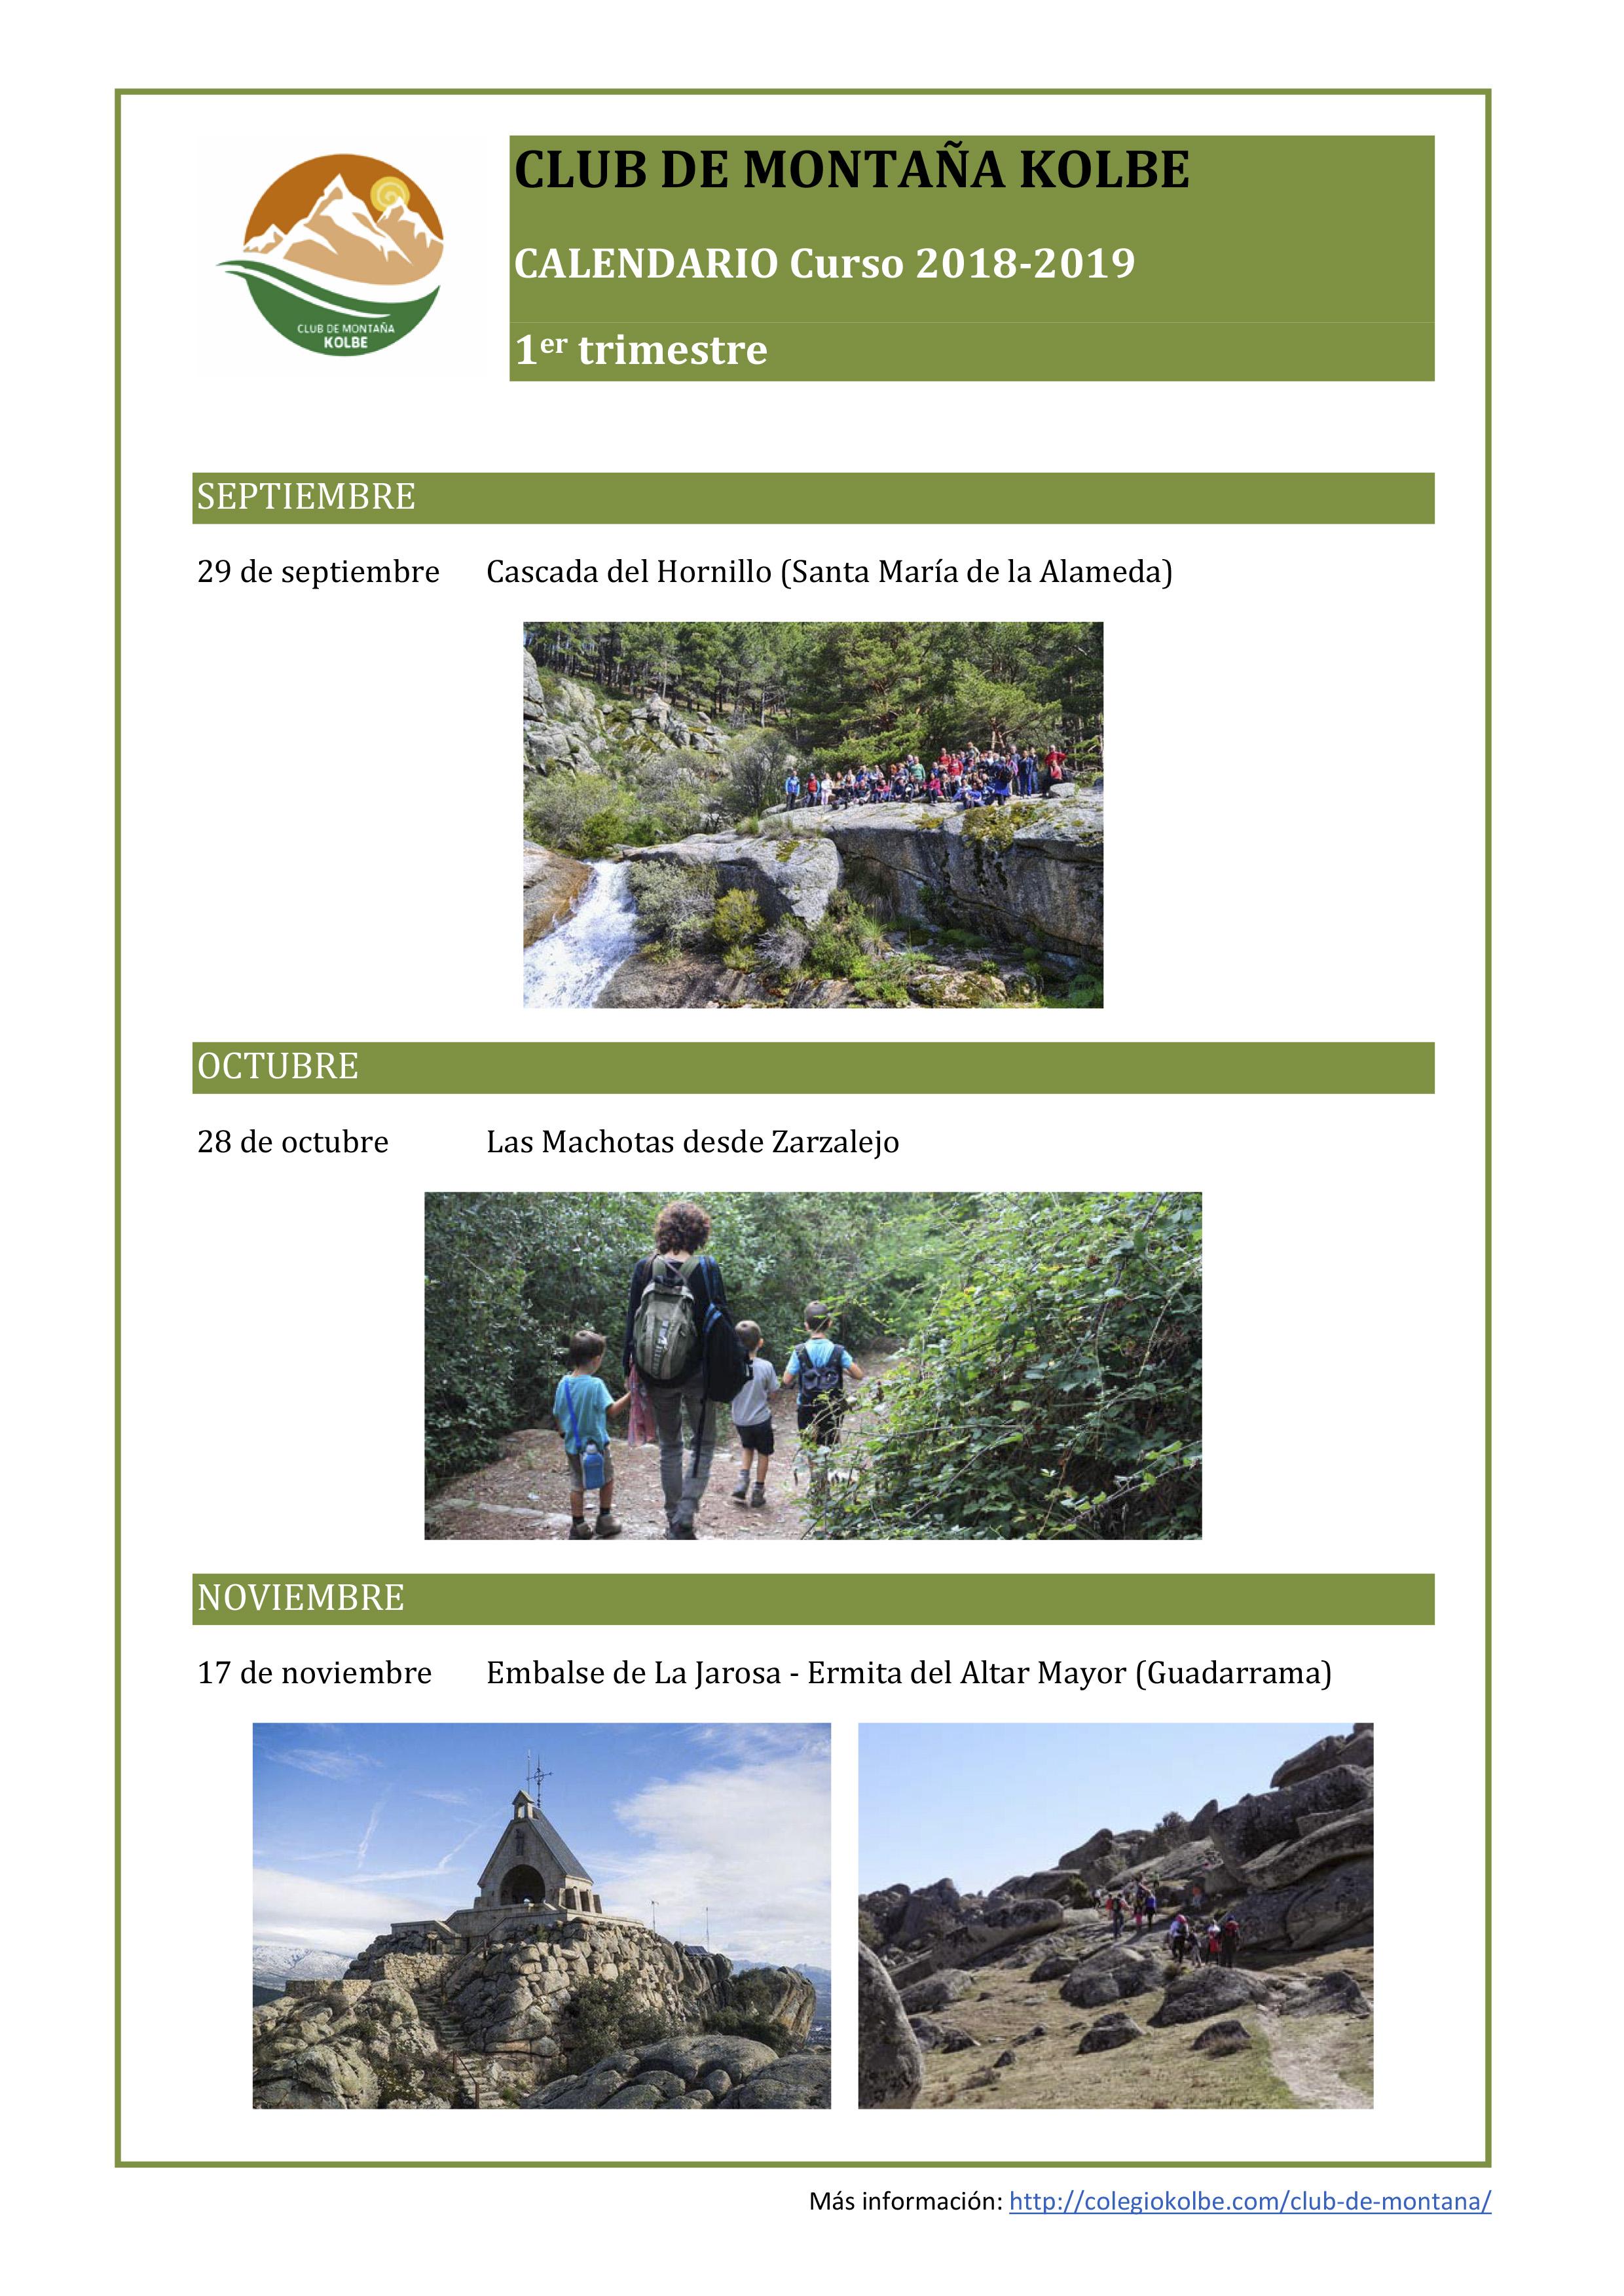 Calendario Club de Montaña Kolbe 2018-2019